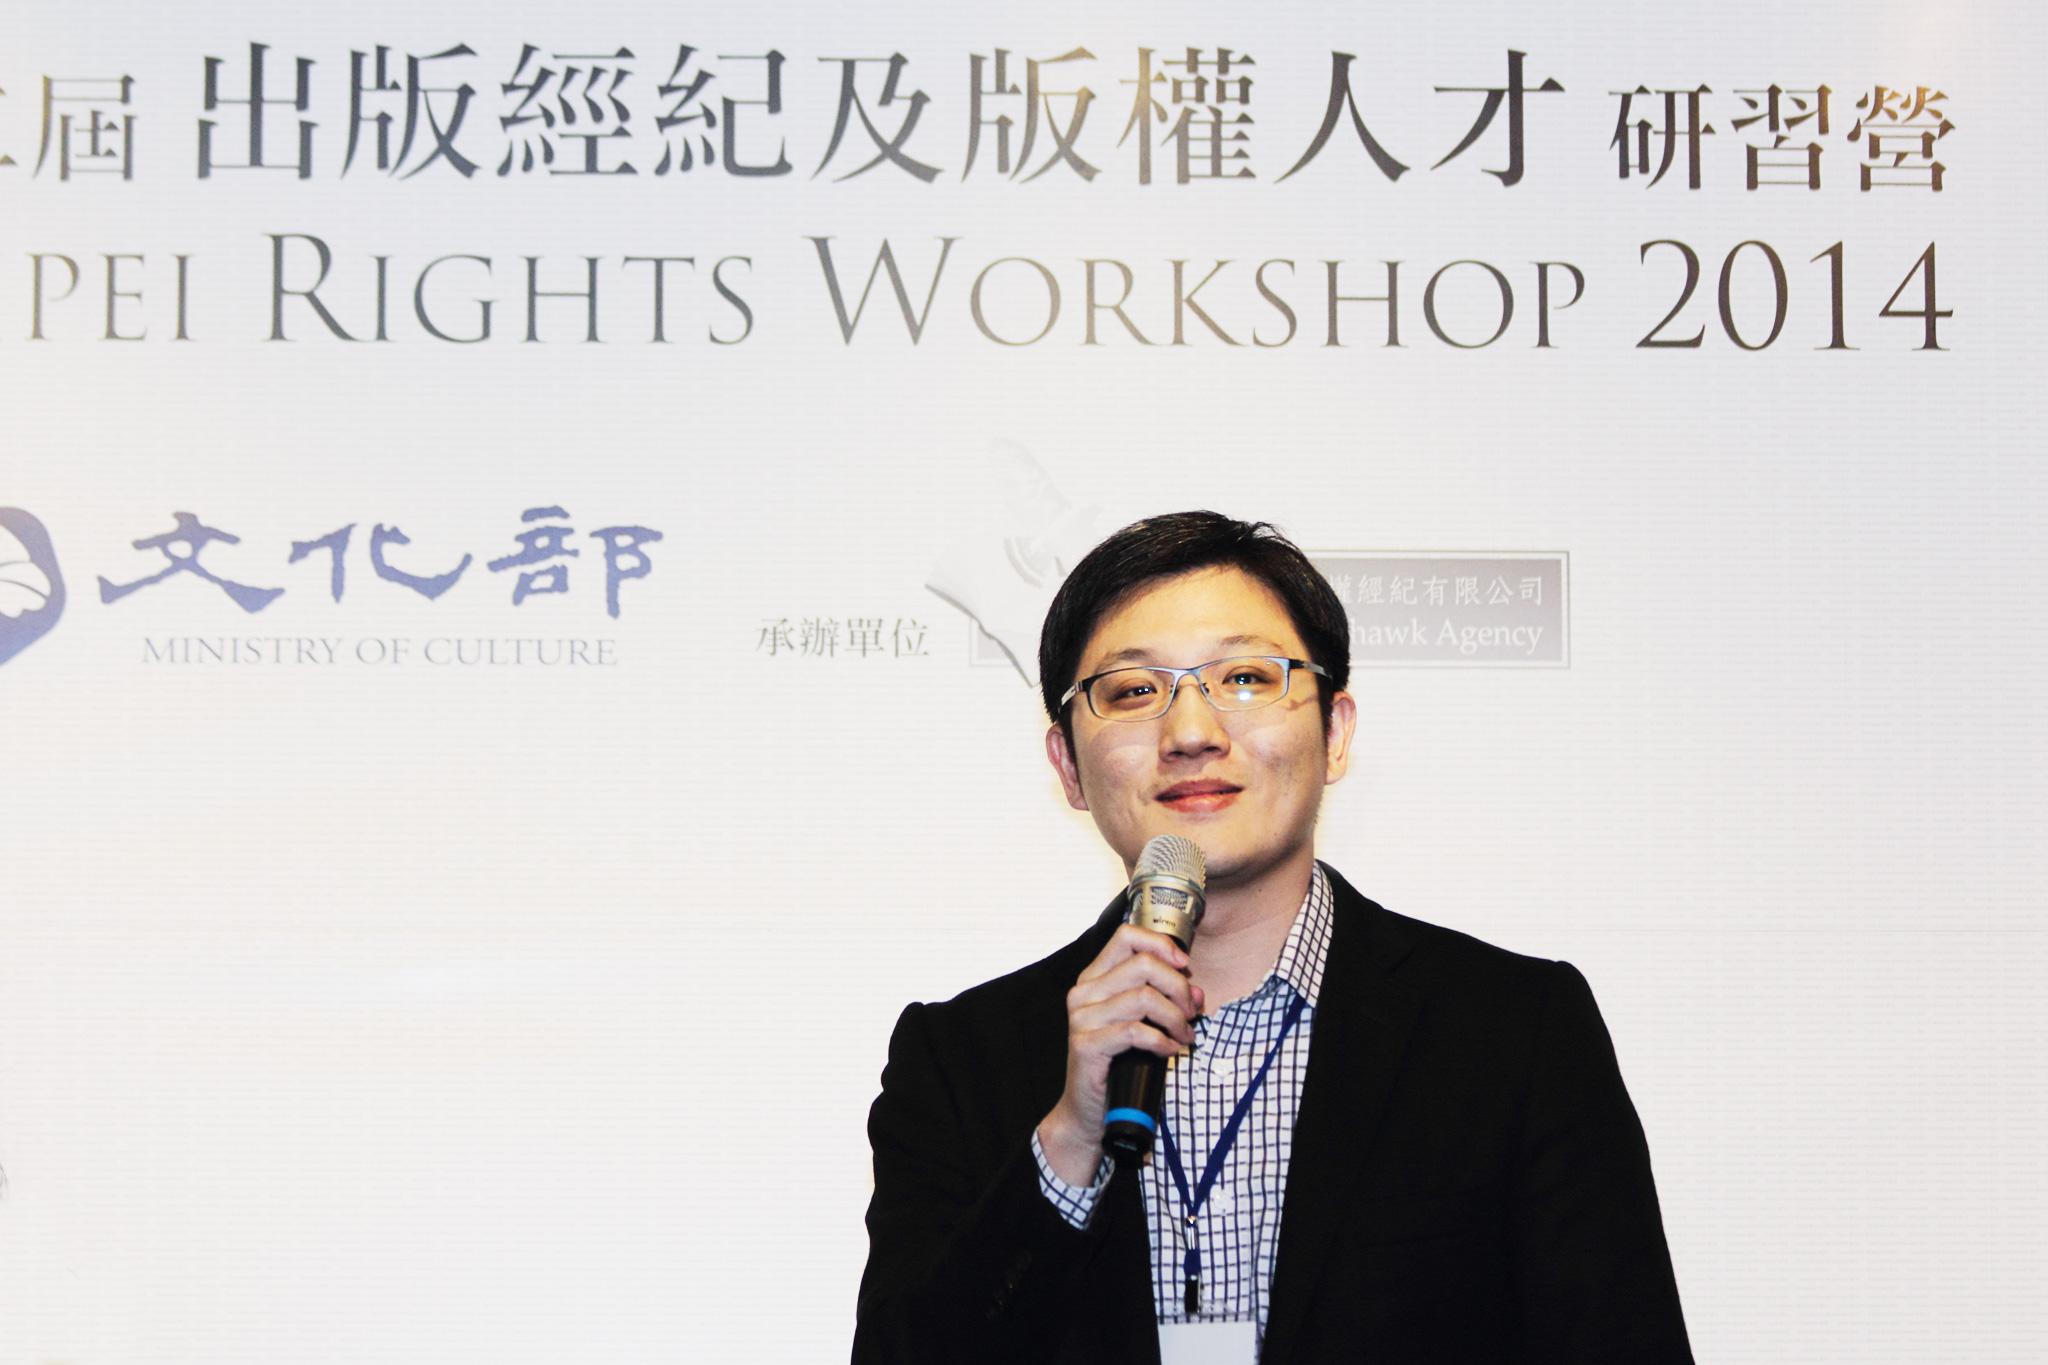 靠著《13・67》,譚光磊也在 2014 年法蘭克福書展,首度達成會展期間就順利賣出華文作品海外版權的紀錄。照片提供/光磊國際版權經紀公司